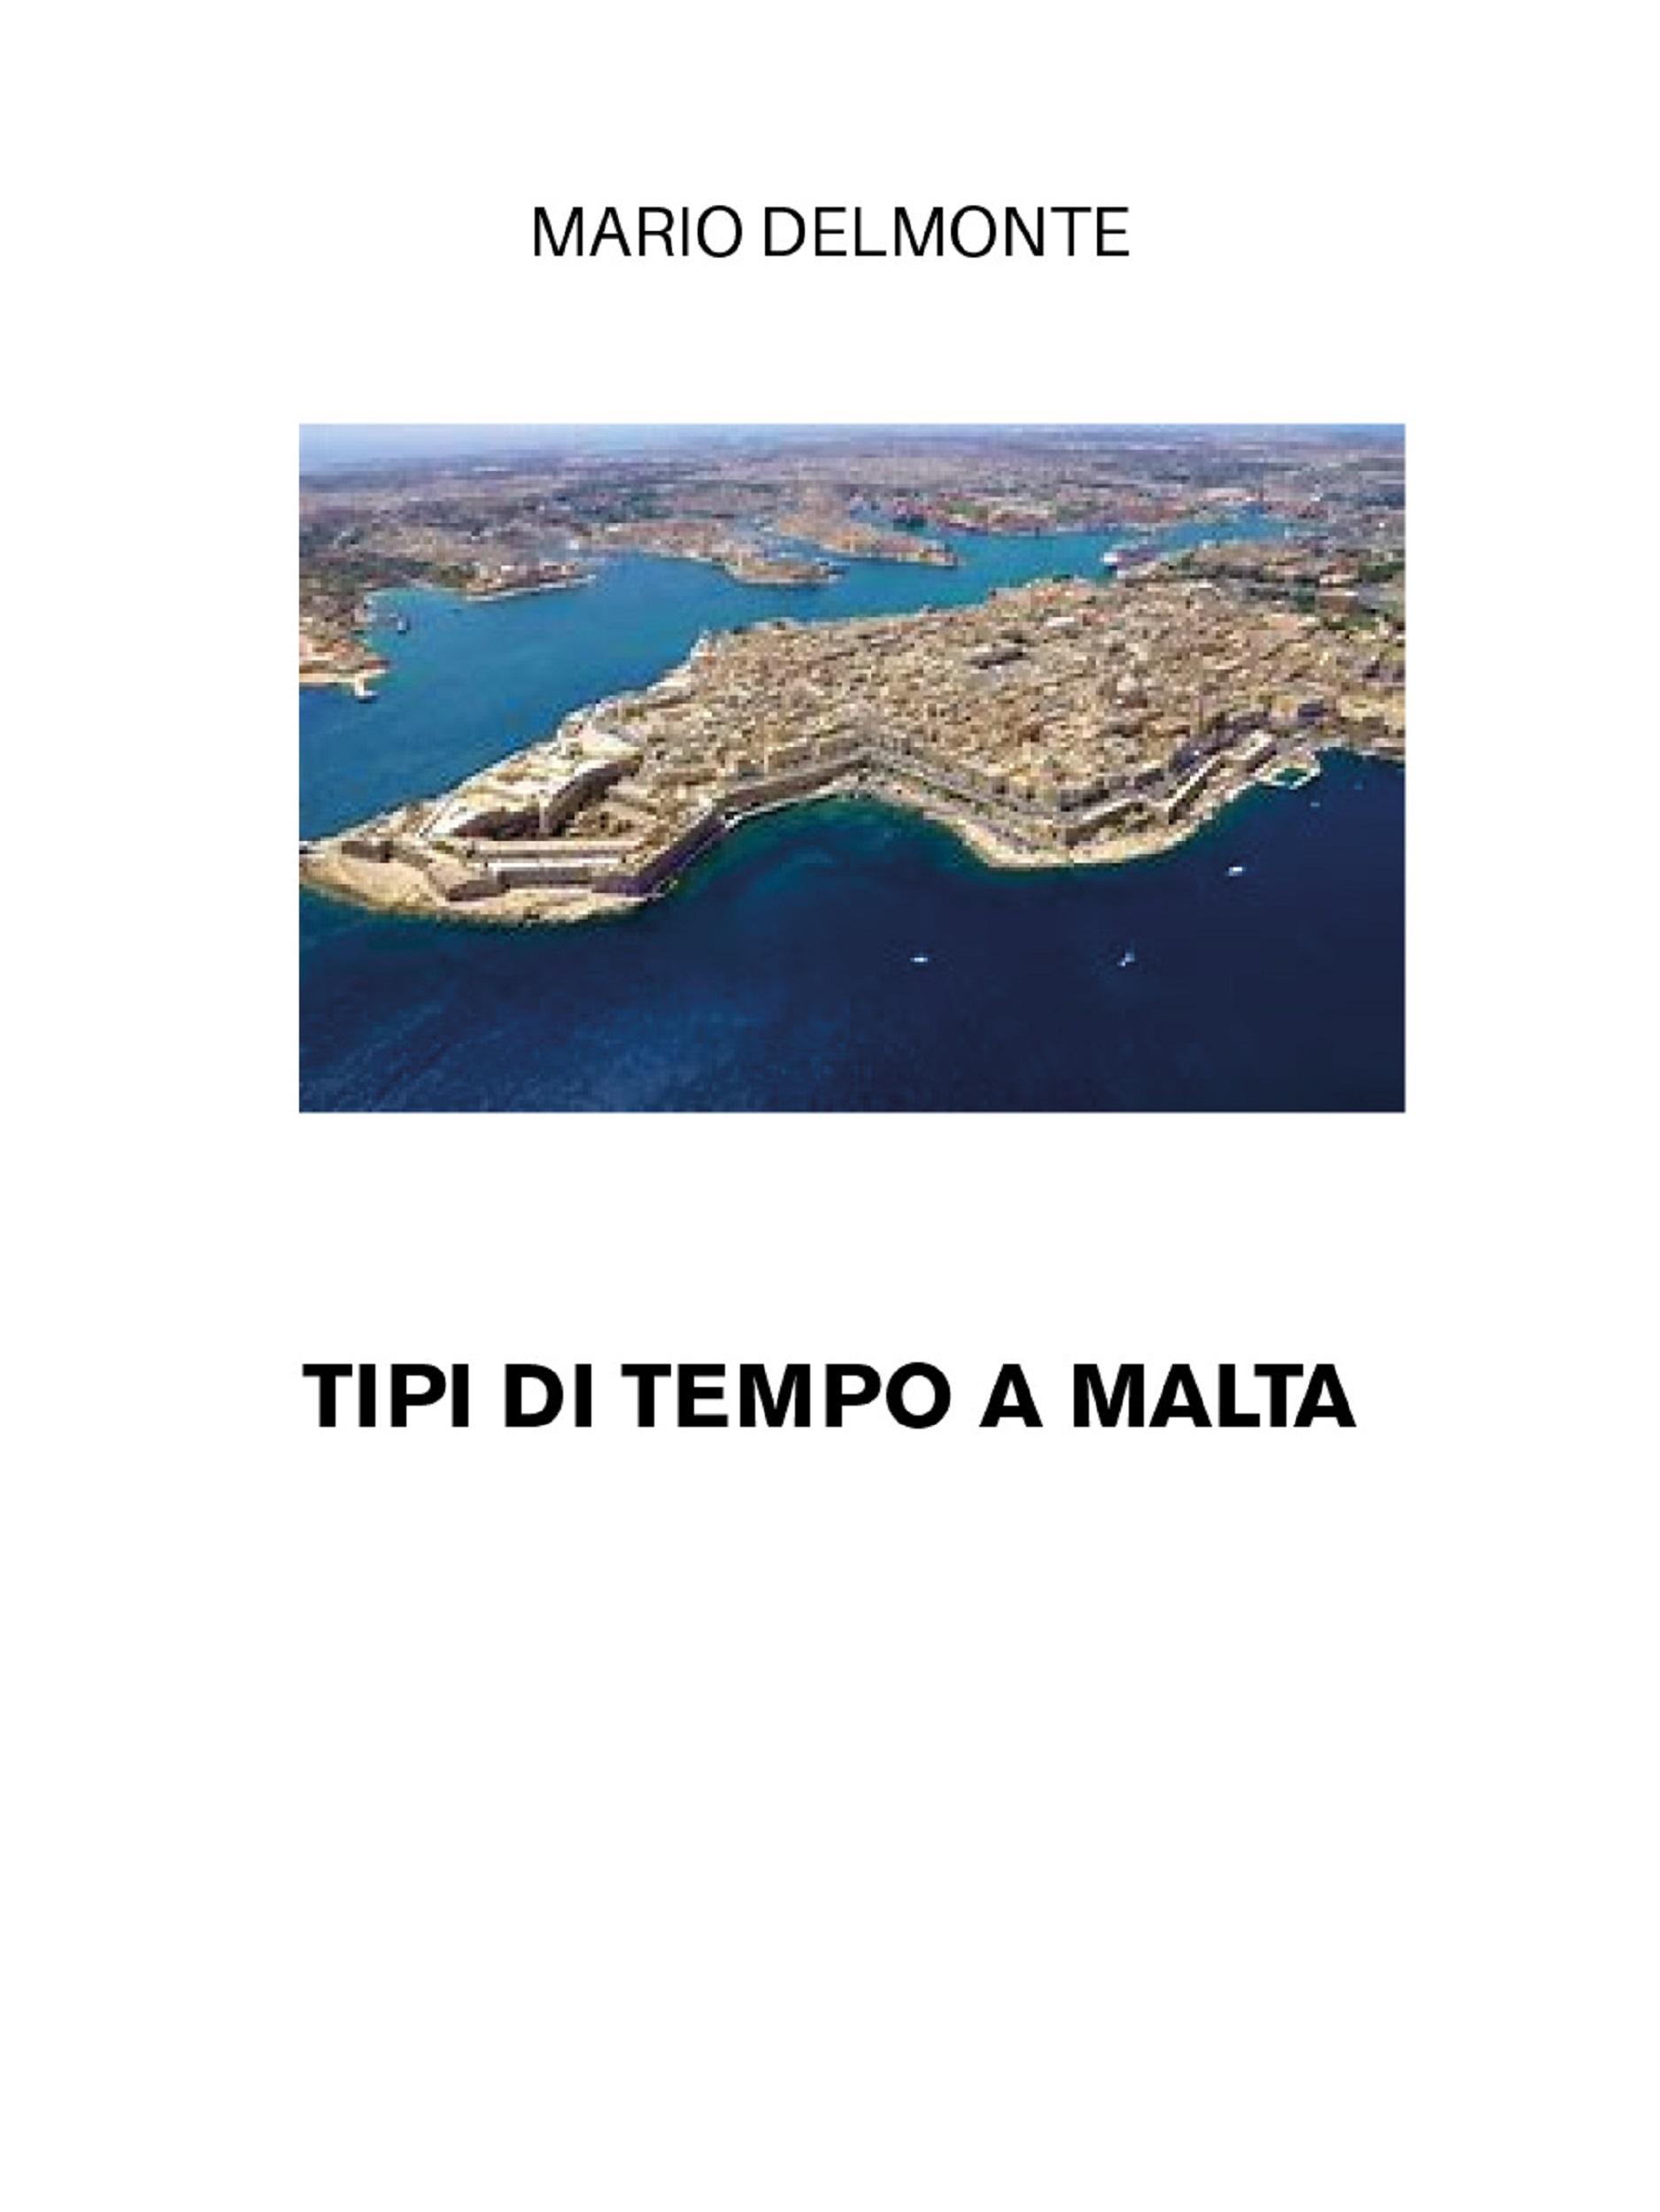 Tipi di tempo a Malta